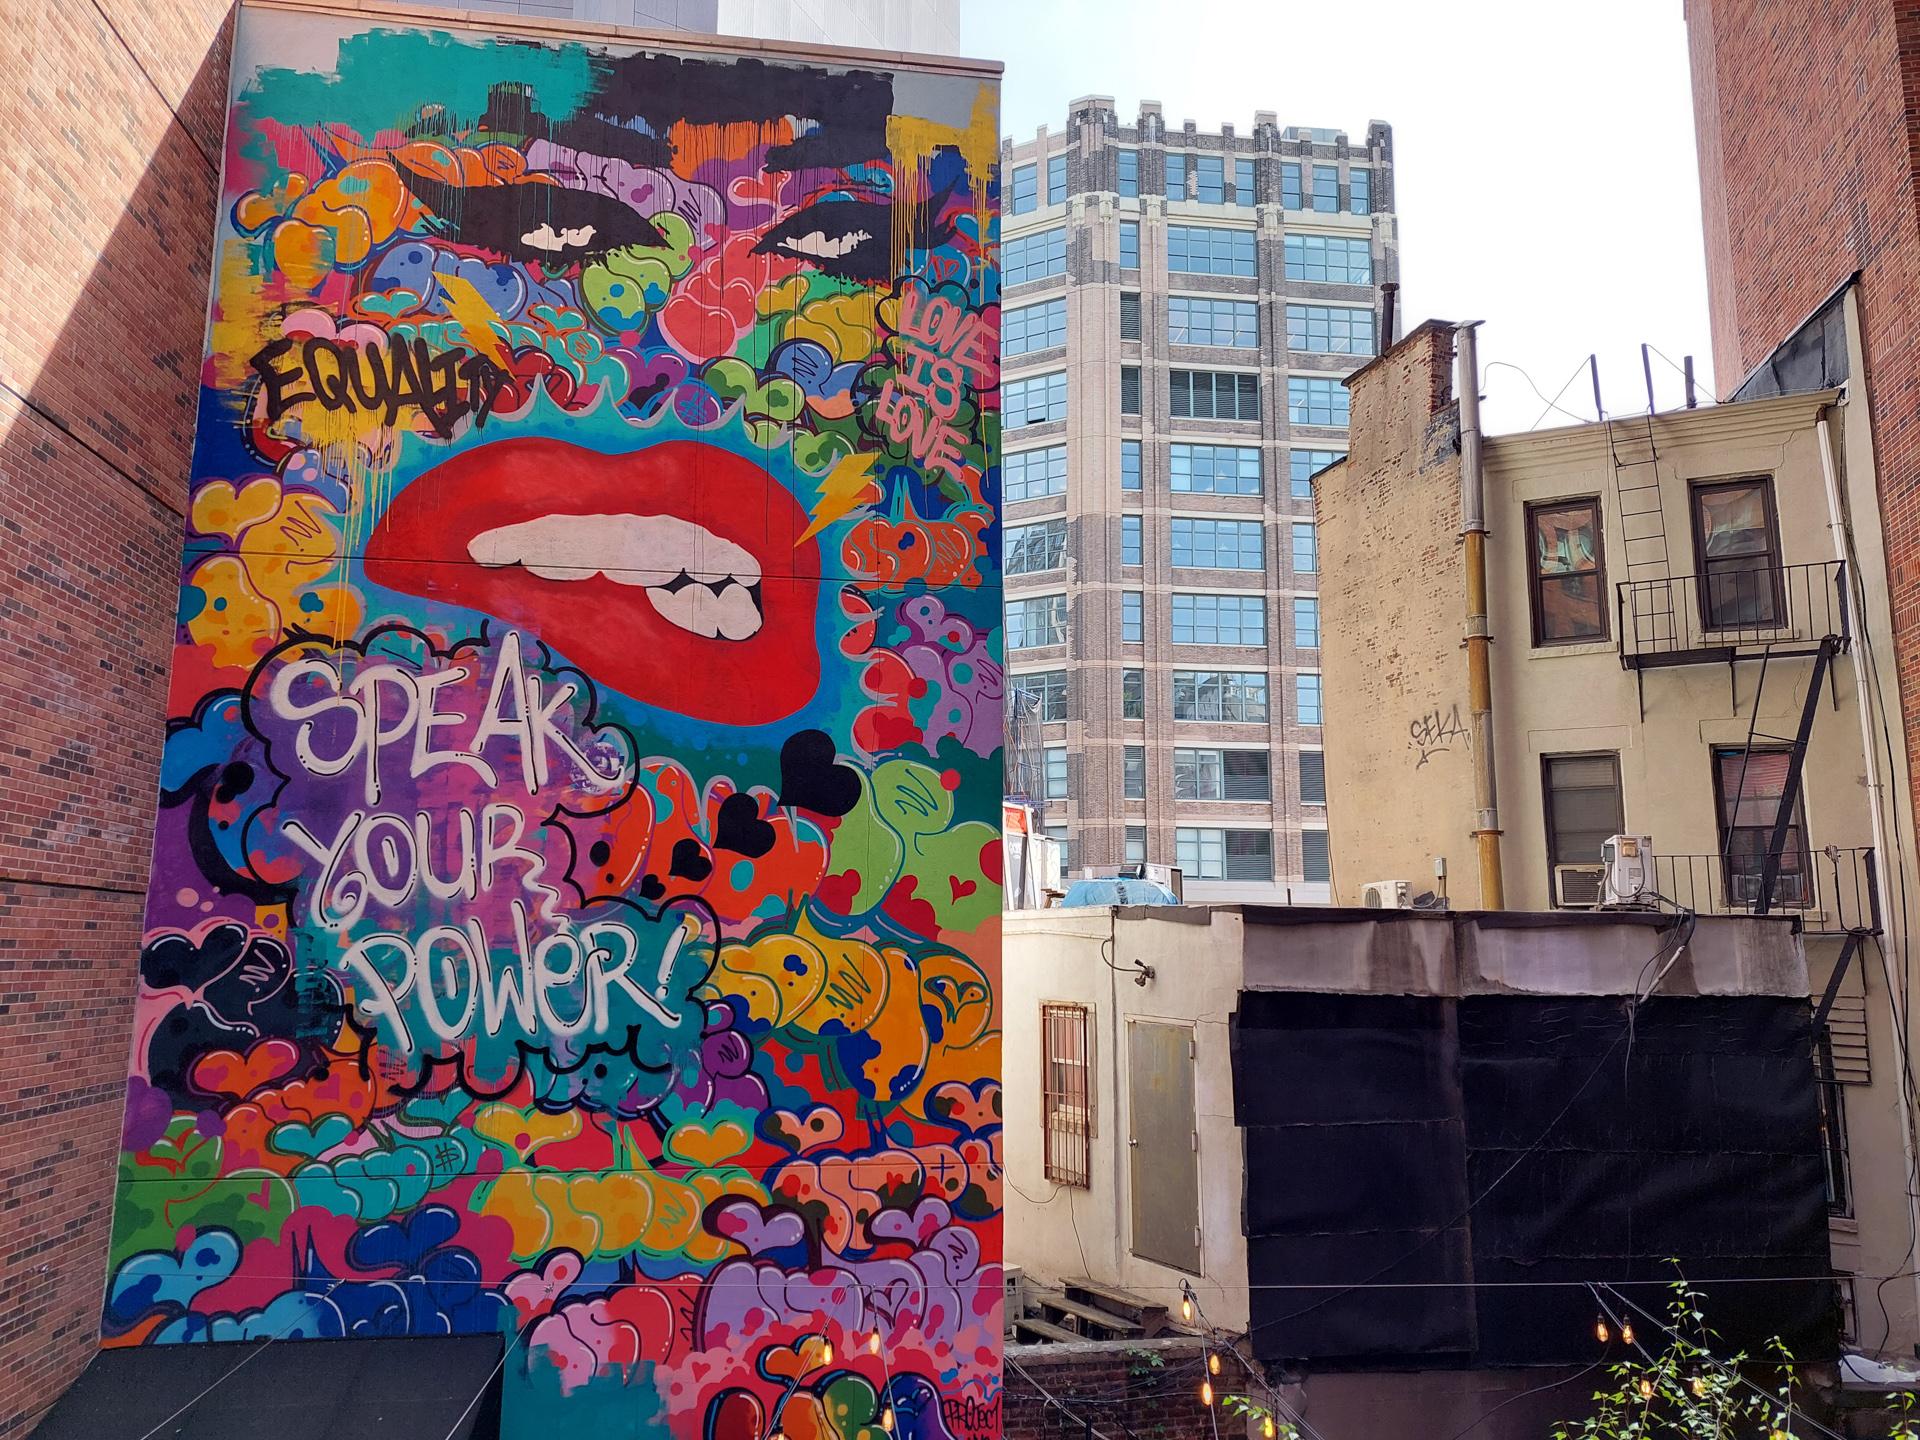 Samsung Galaxy A 52 5G photo sample mural 1x